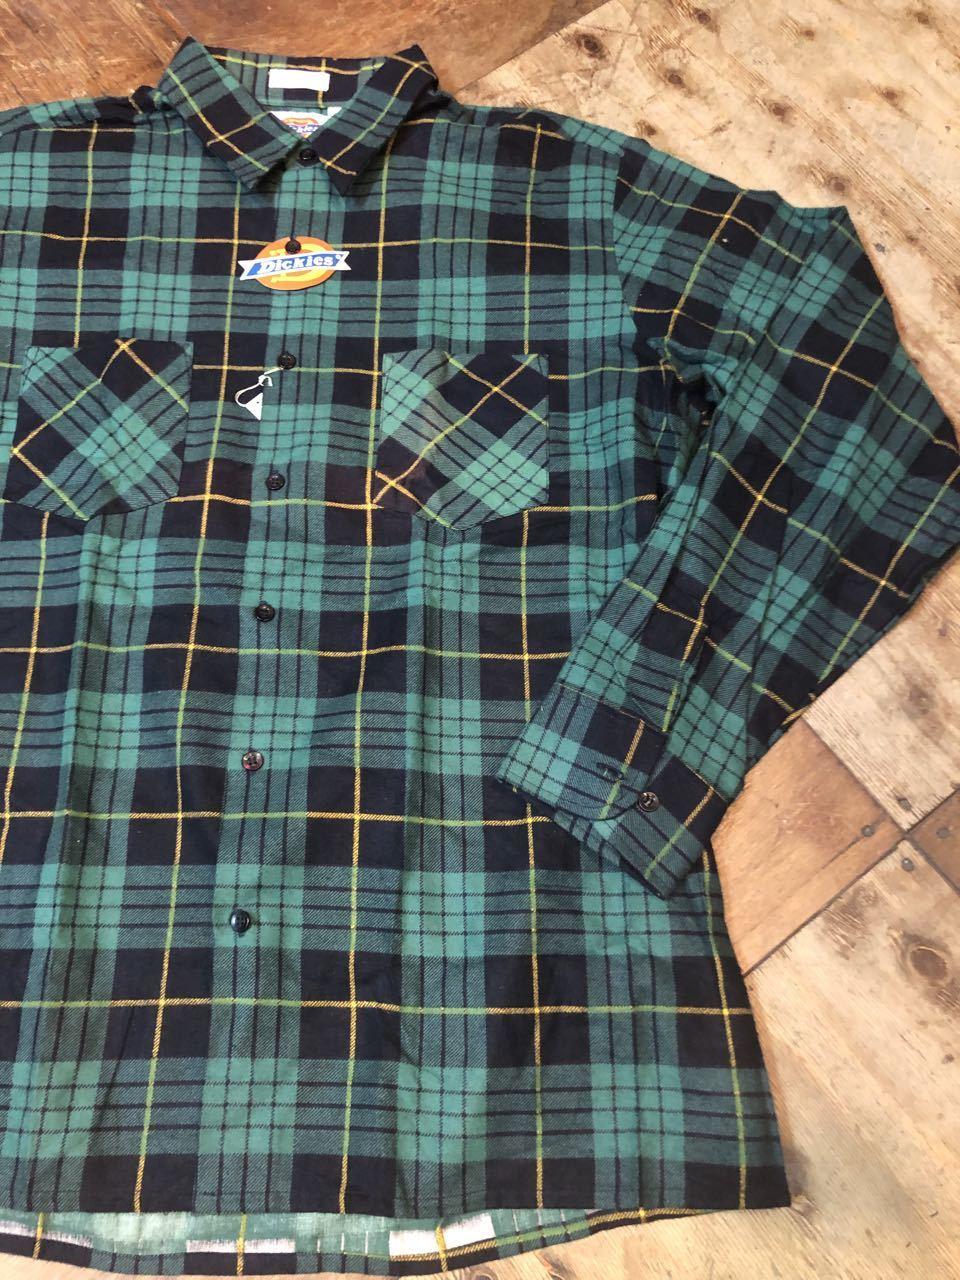 90s デッドストック Made in U.S.A  デッキーズ ネルシャツ!_c0144020_13505067.jpg